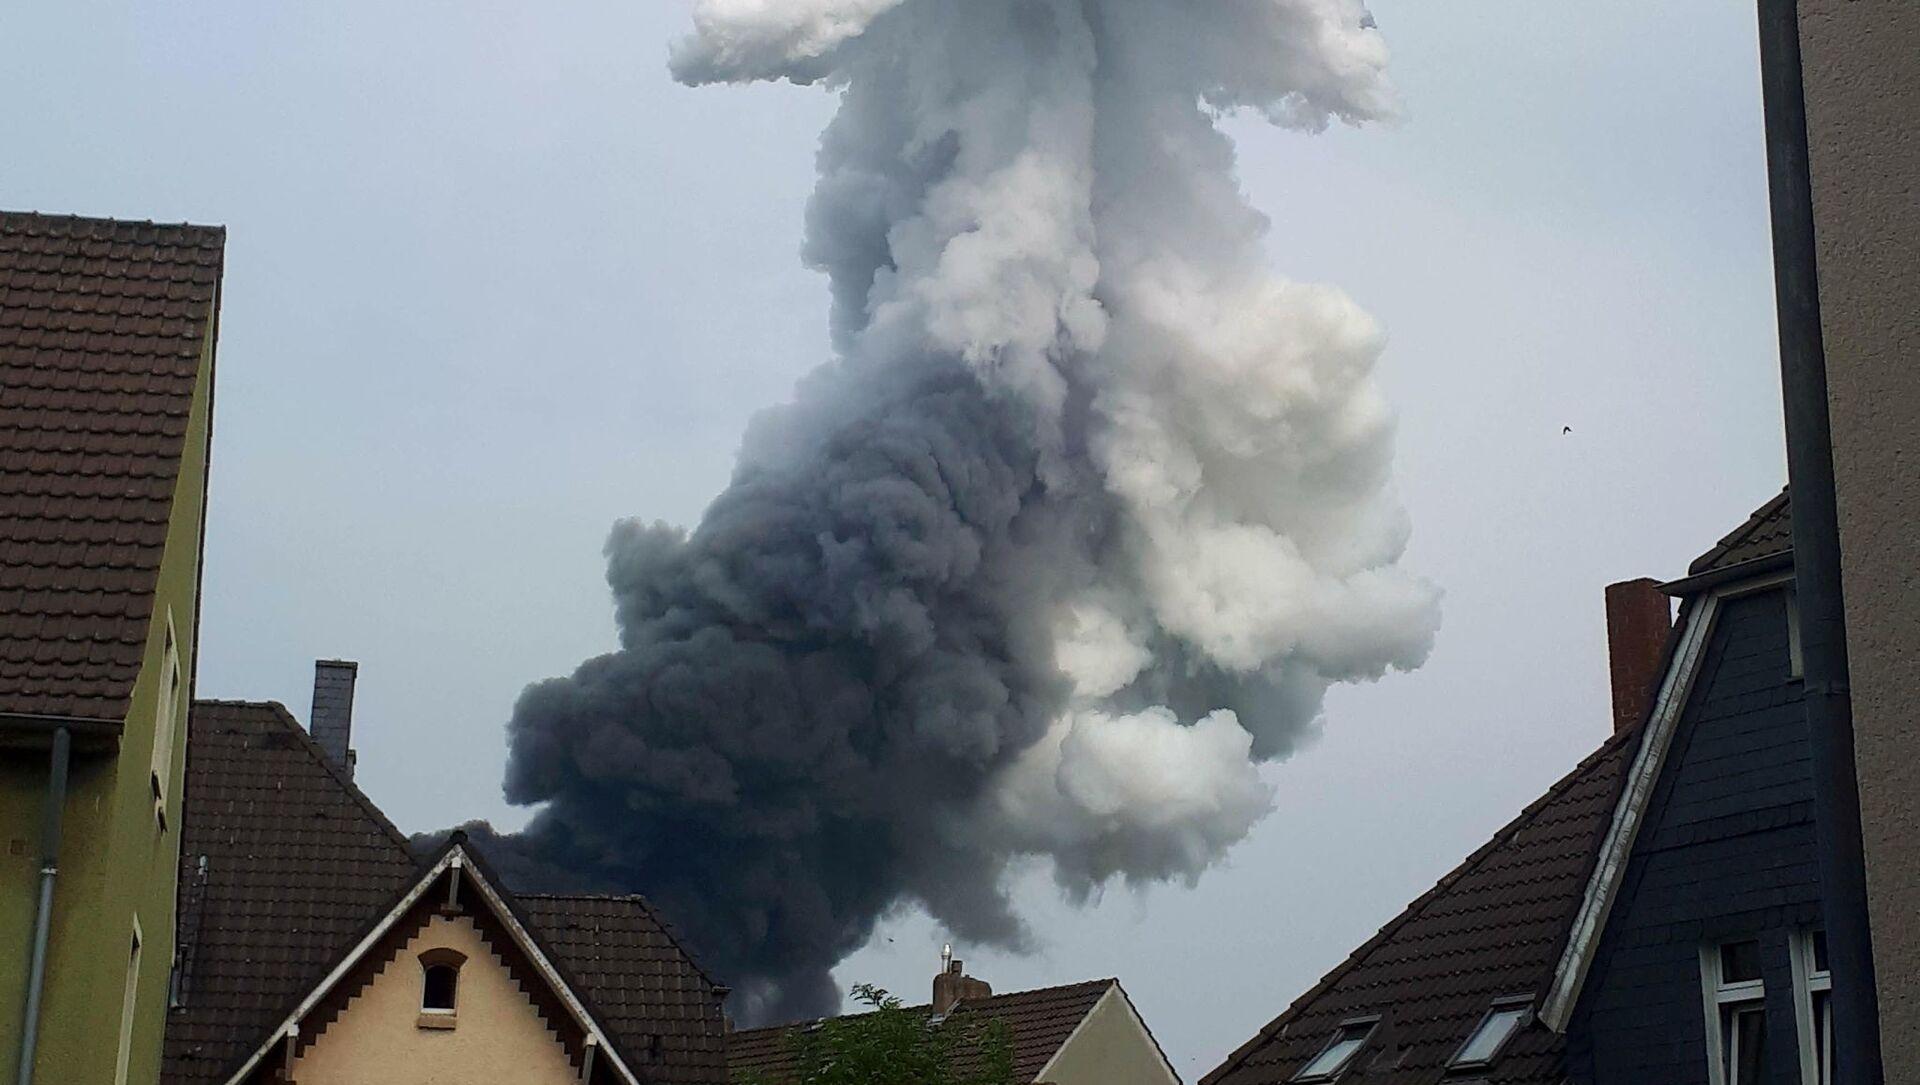 Une importante explosion a secoué le parc chimique Leverkusen situé dans l'ouest de l'Allemagne, le 27 juillet 2021 - Sputnik France, 1920, 29.07.2021